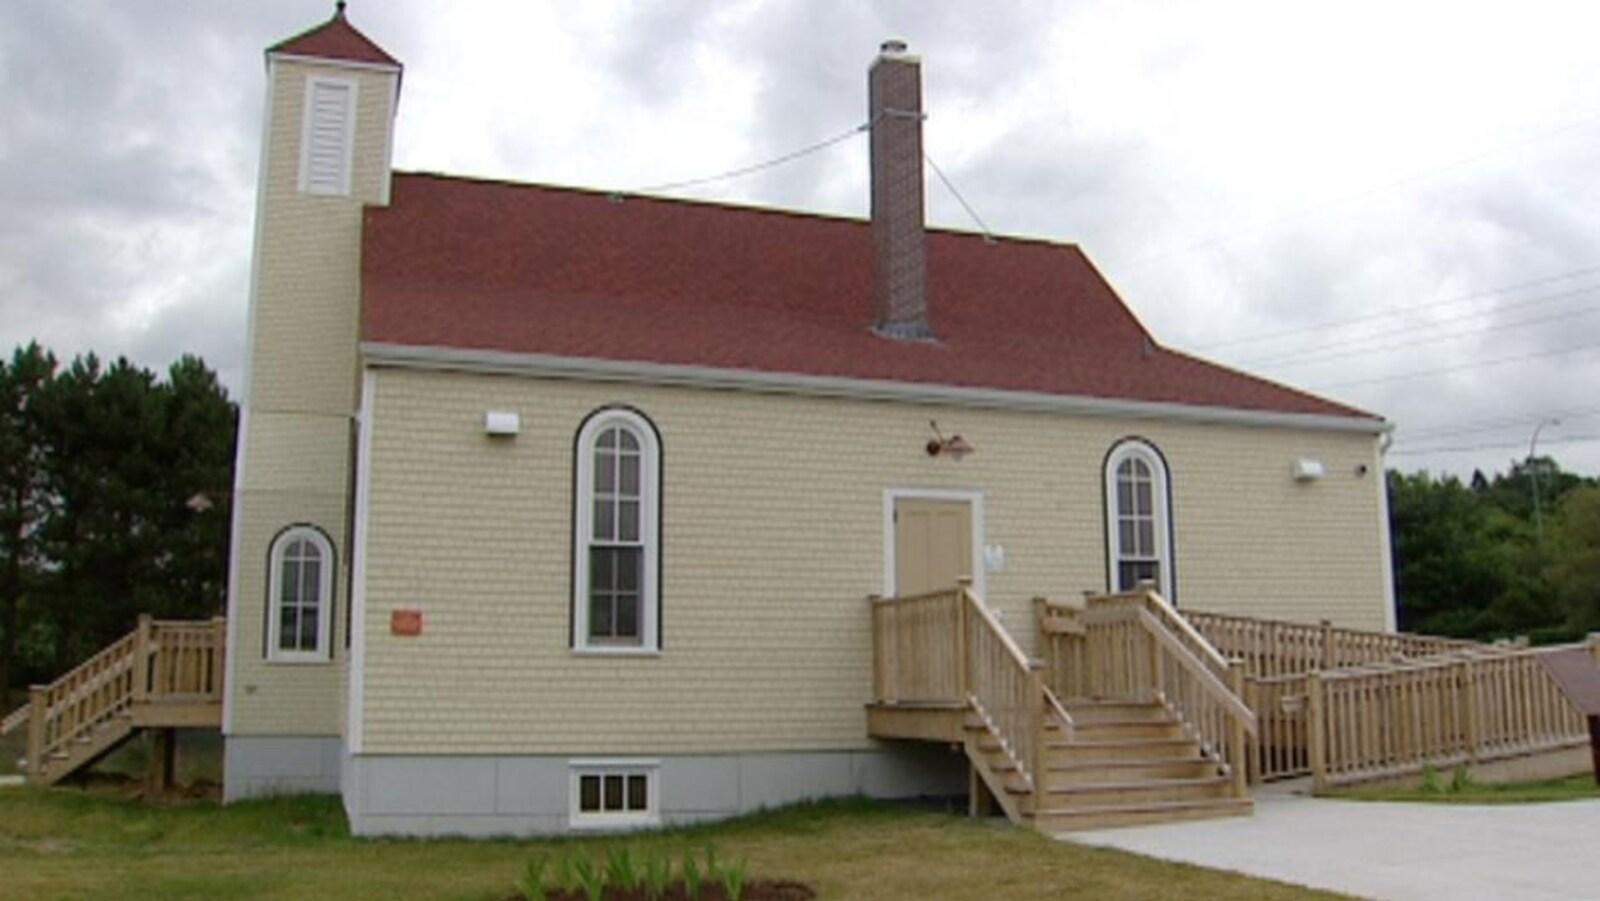 La réplique de l'église baptiste d'Africville